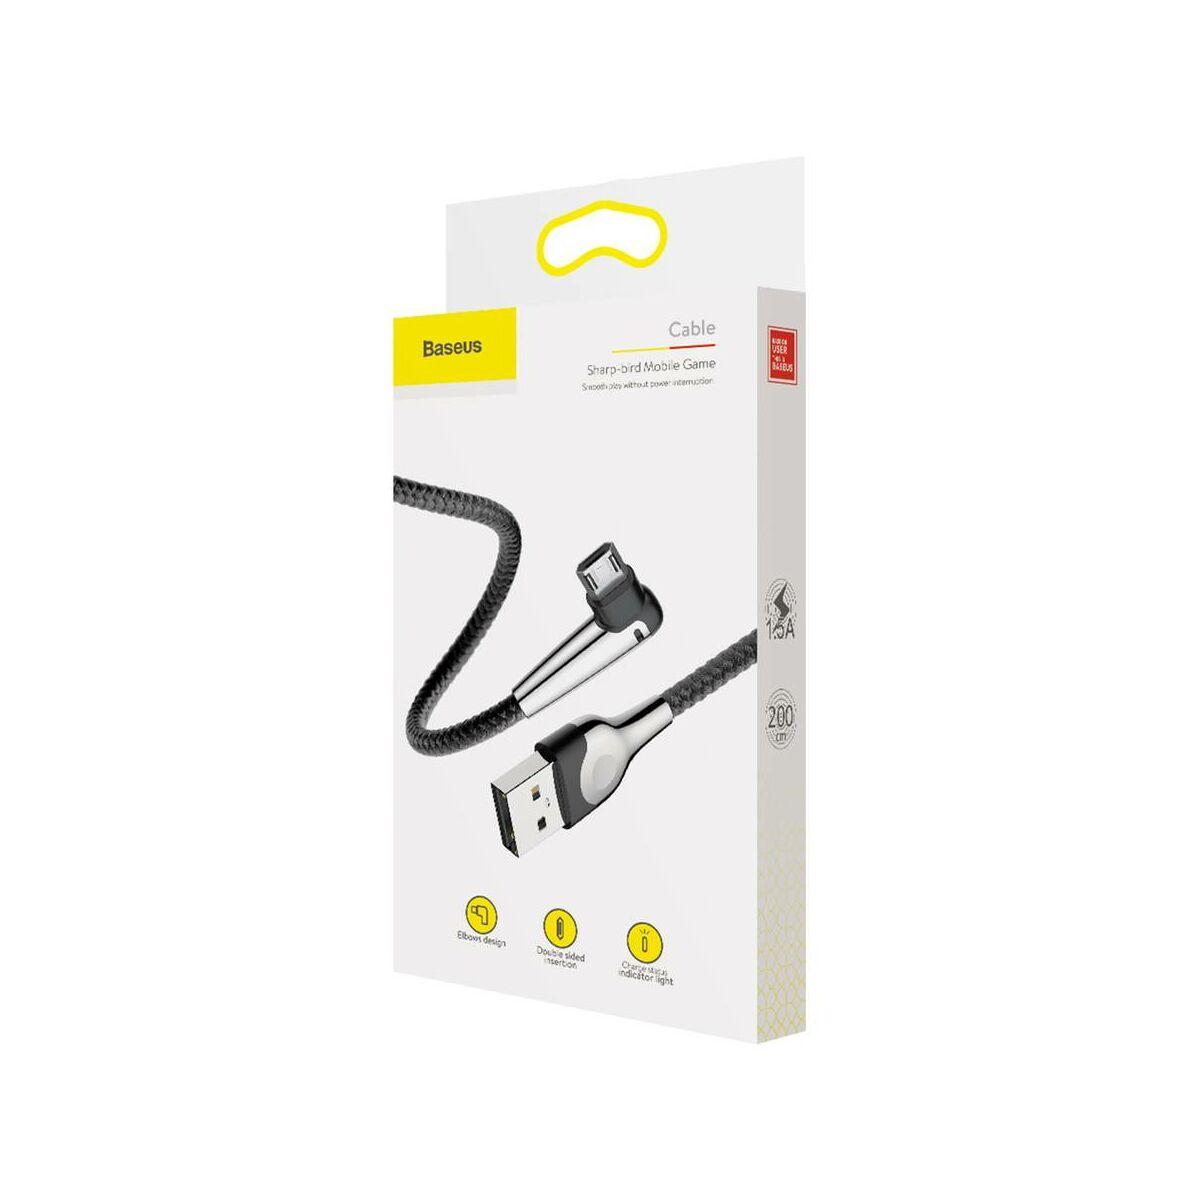 Baseus Micro USB kábel, MVP Mobile Game, L-alakú csatlakozó, töltés/státusz-jelző LED, 1.5A, 2 m, fekete (CAMMVP-F01)